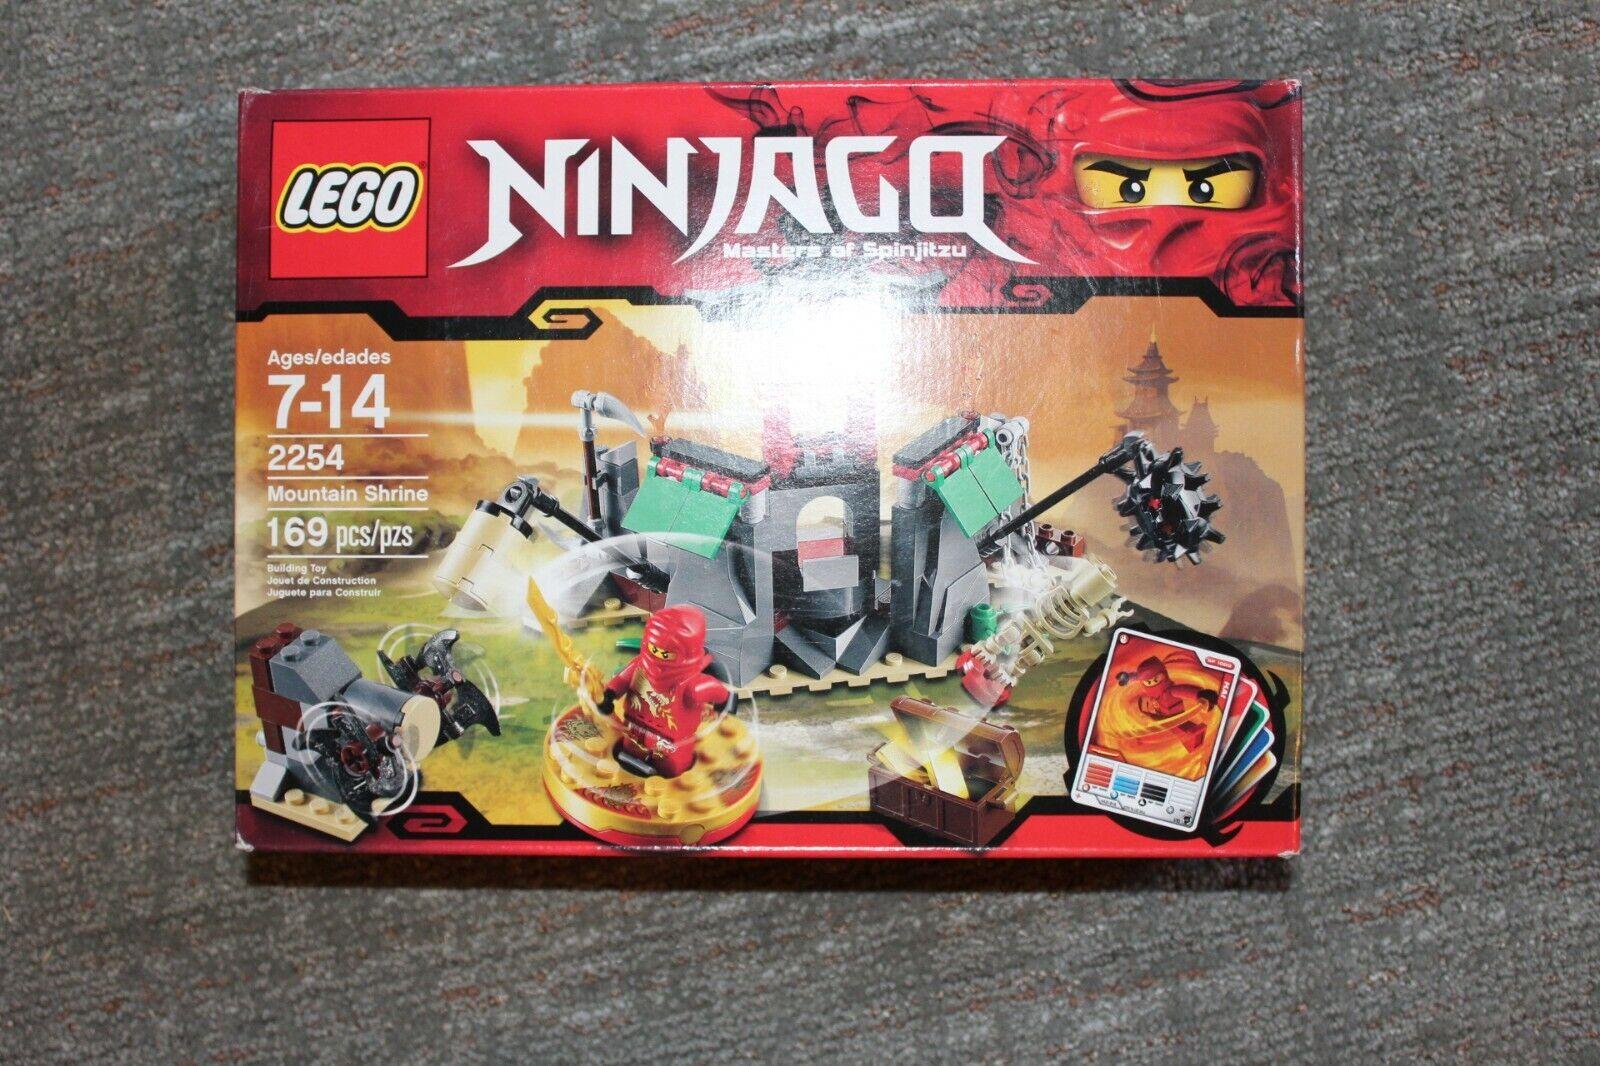 Lego santuario de montaña (2254)